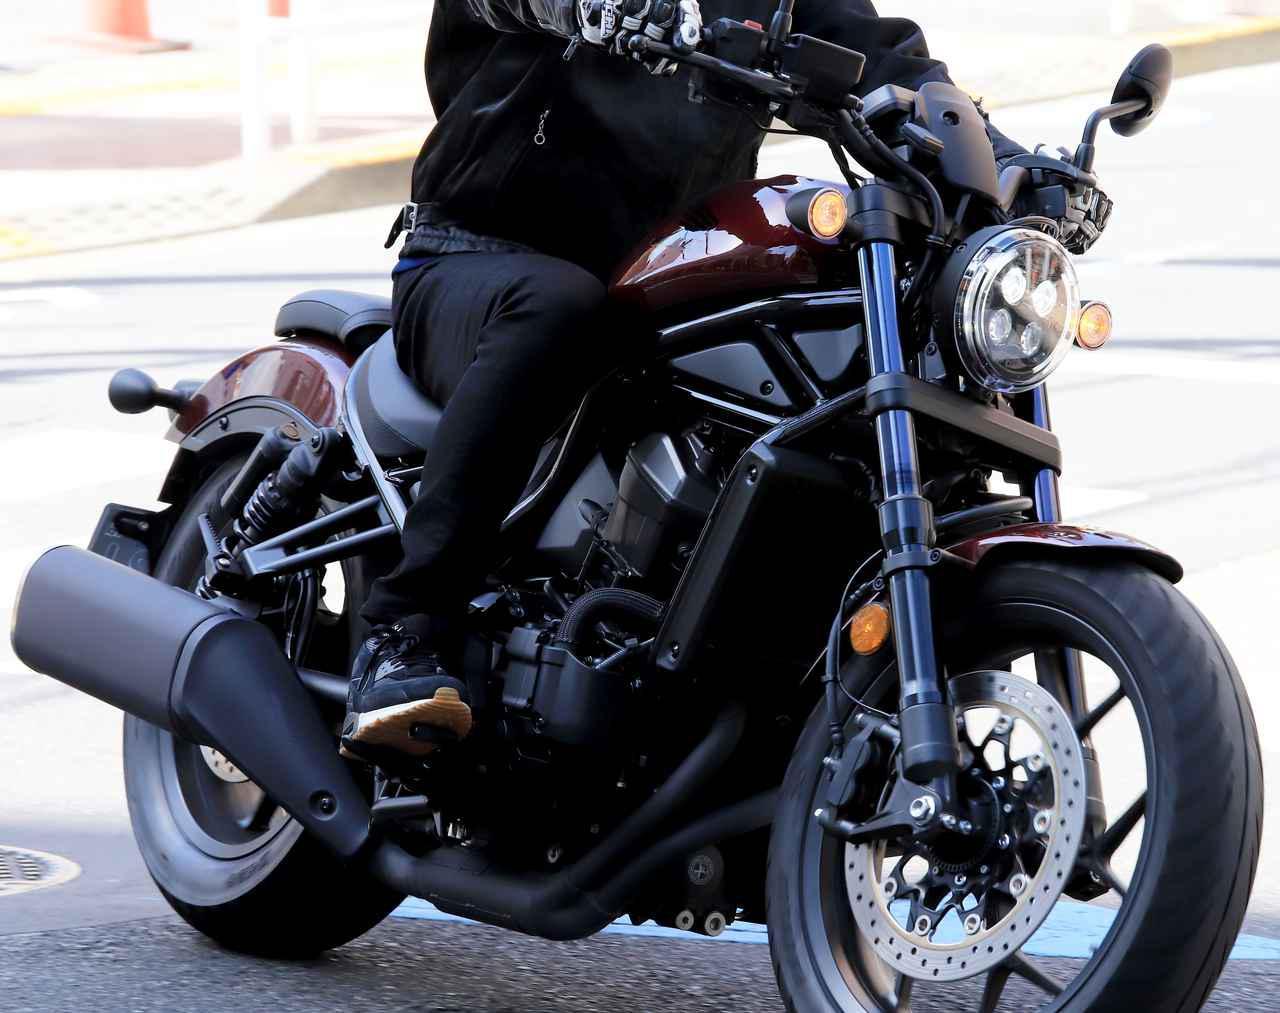 画像: ホンダ「レブル1100DCT」お散歩インプレ リッターバイクなのに街乗りもラク? レブル250と通ずる部分を発見!(2021年) - webオートバイ